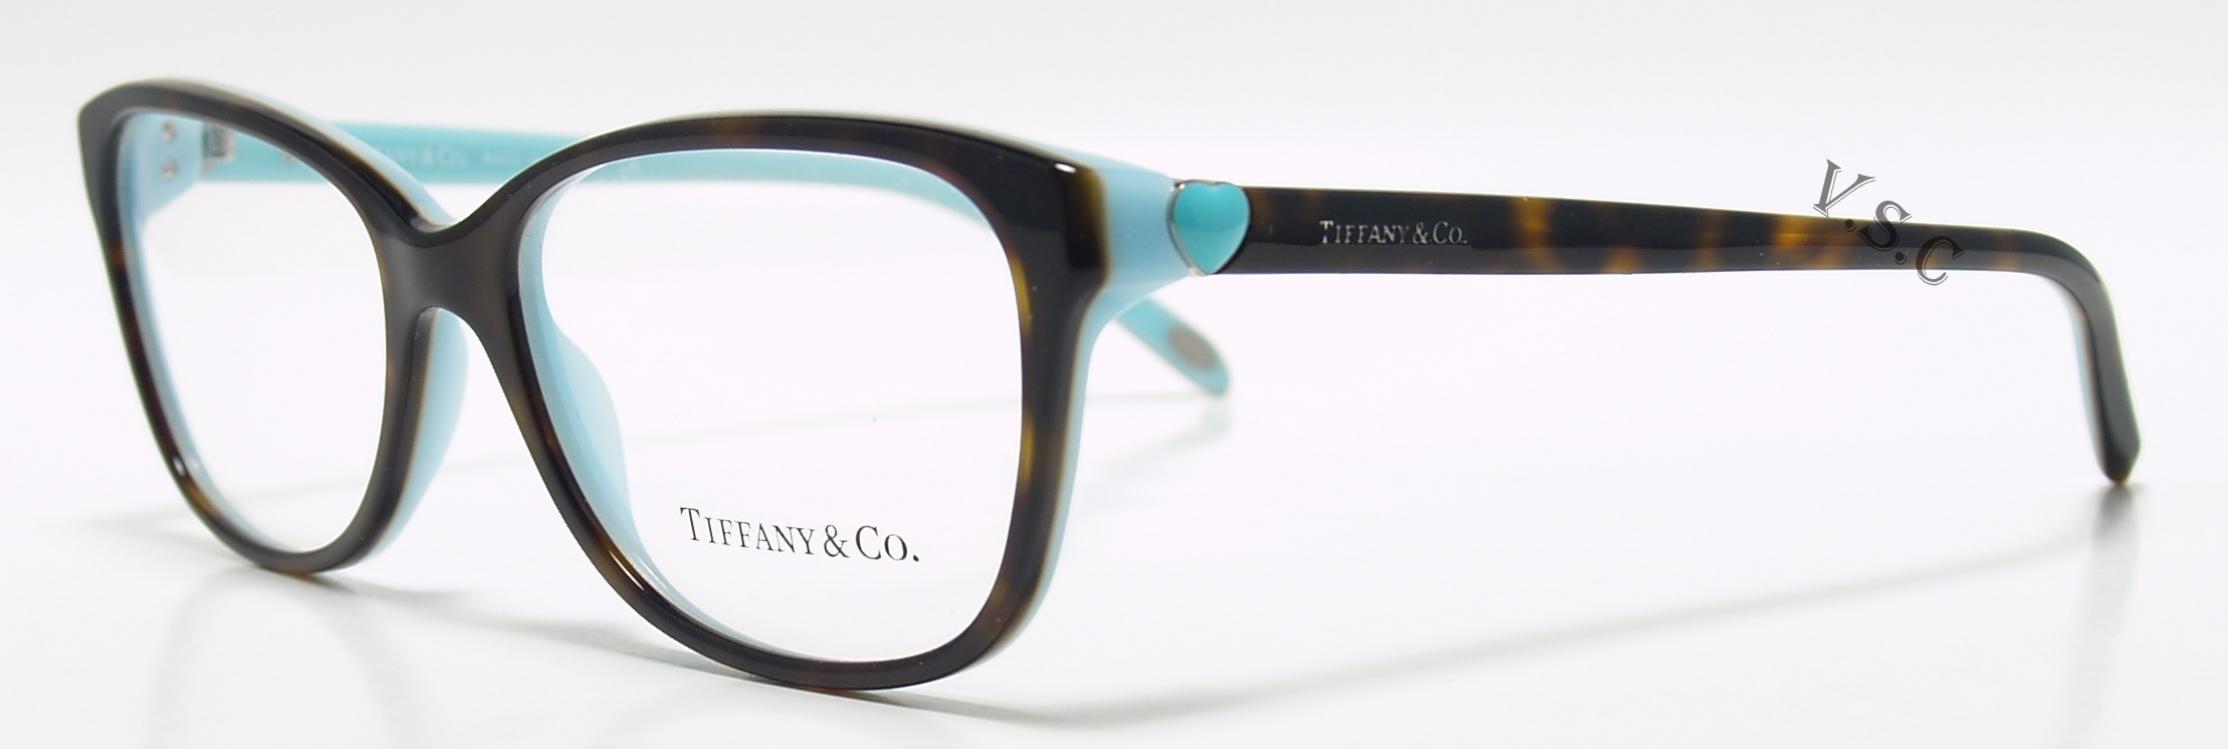 Tiffany 2097 Eyeglasses